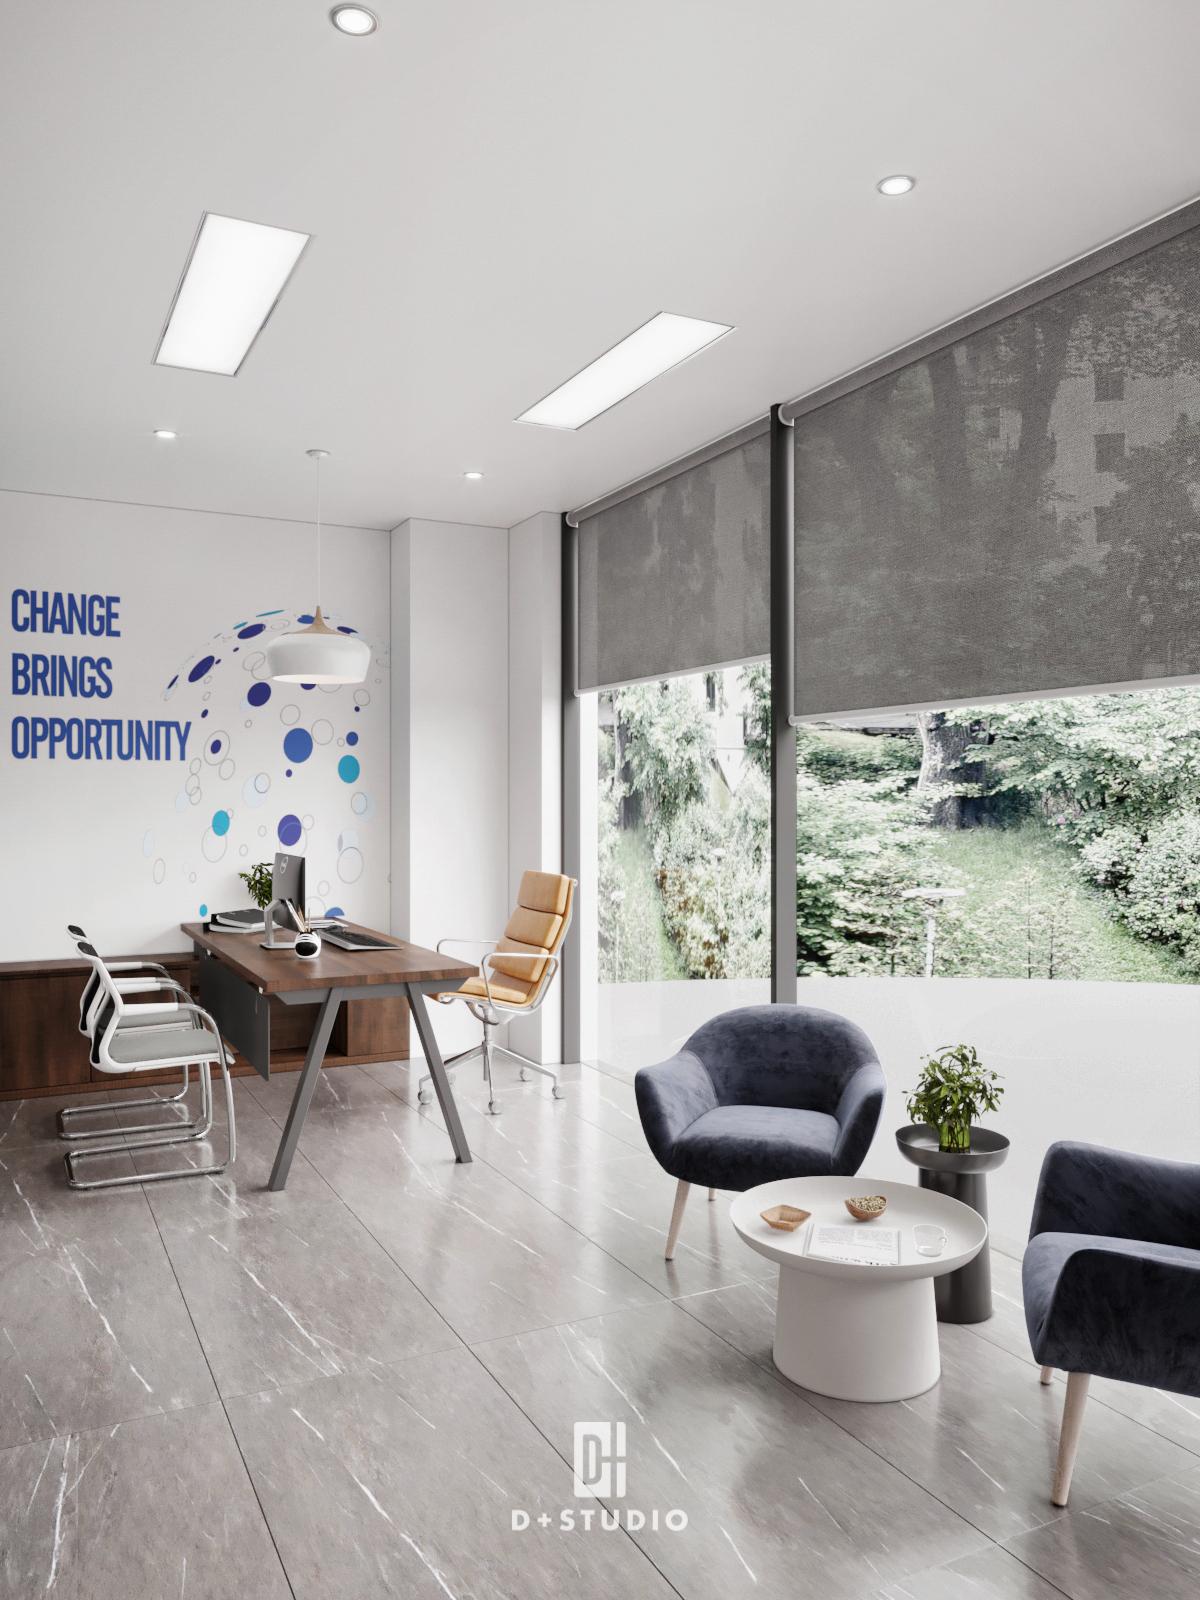 Nhờ sử dụng gam màu trắng kết hợp với hệ thống cửa kính tạo không gian mở và thoáng mát hơn cho phòng giao dịch